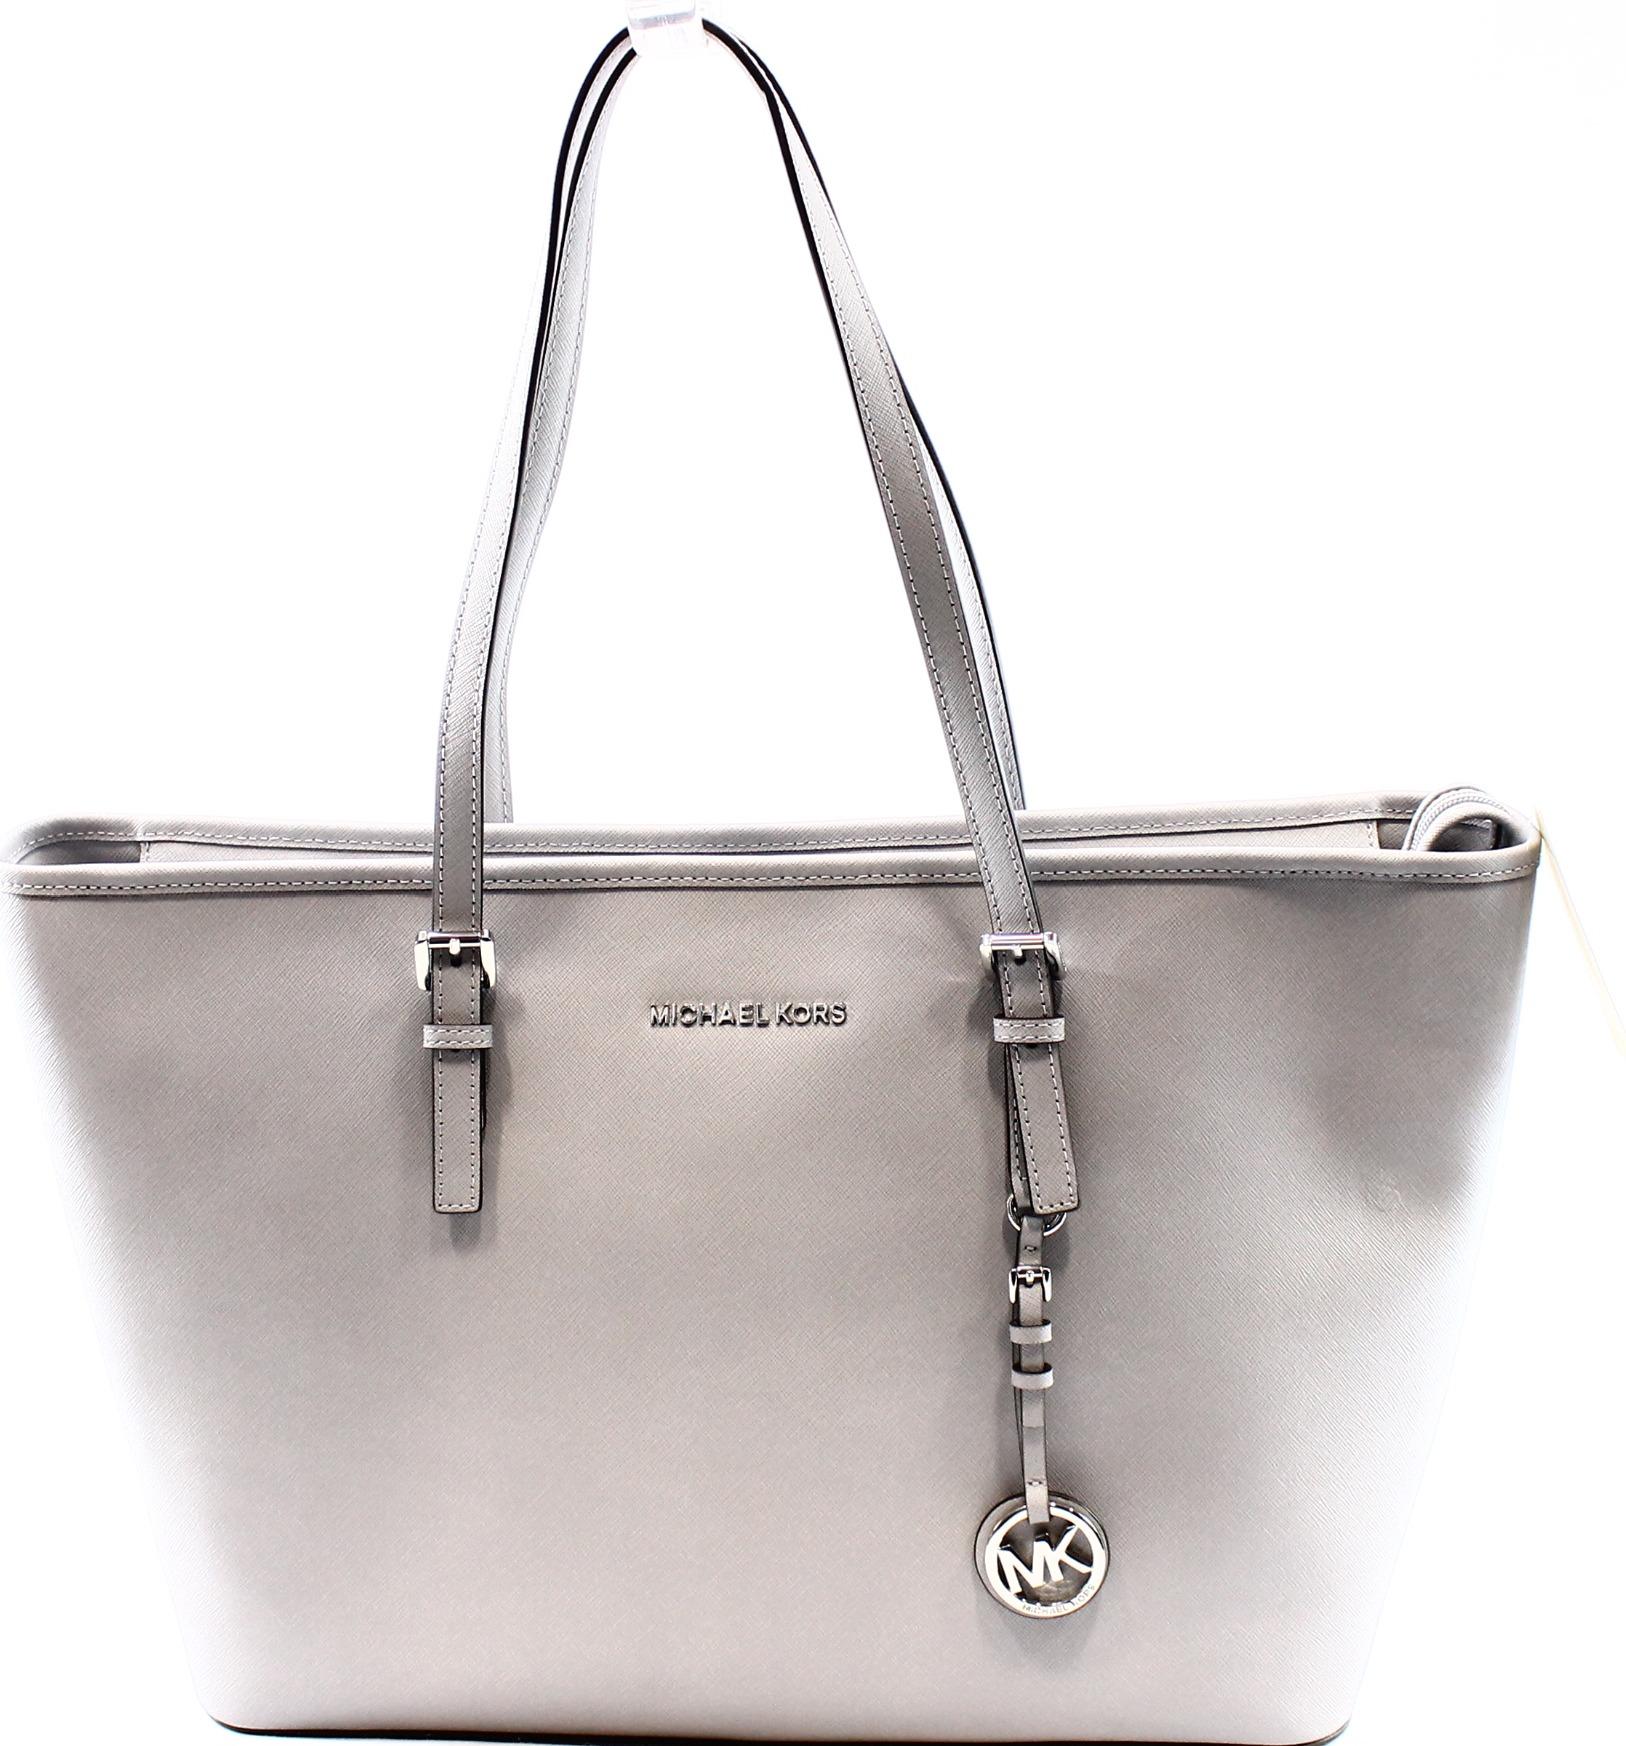 c83dad7211235 Michael Kors - Michael Kors NEW Gray Grey Dove Women s Jet Set Handbag  Purse MK Tote  298 - Walmart.com